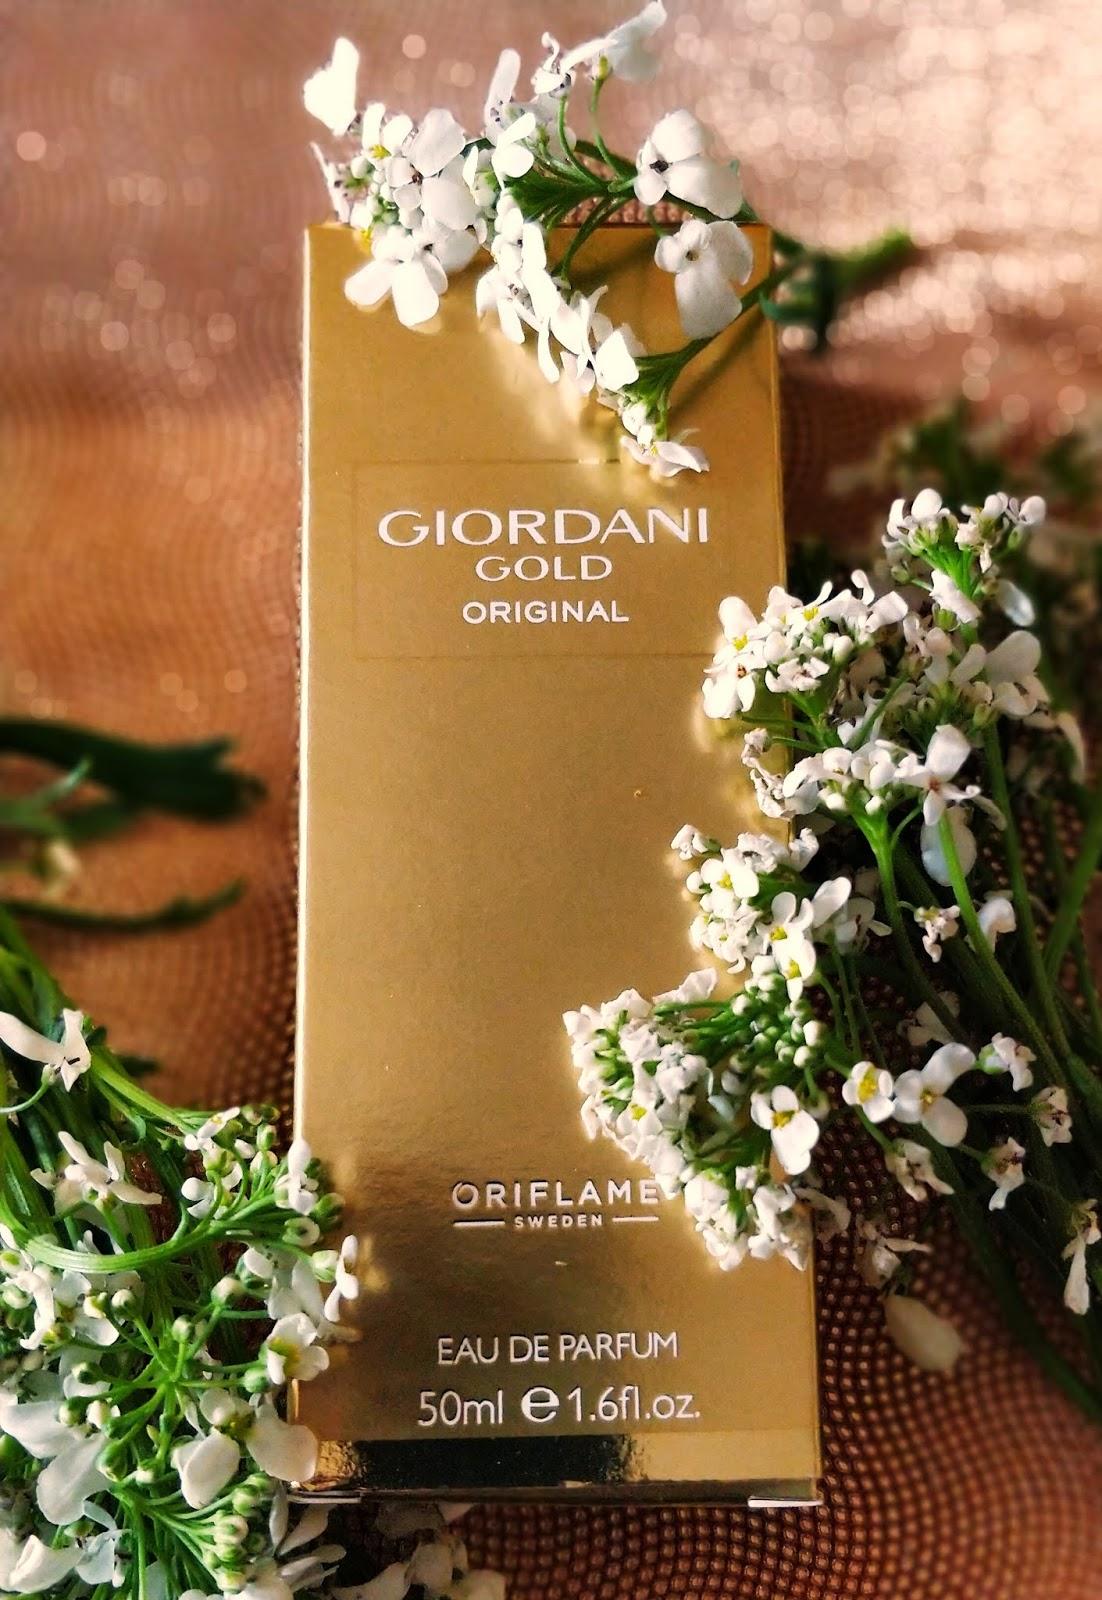 Oriflame Giordani Gold Original Eau De Parfum New 50ml Review